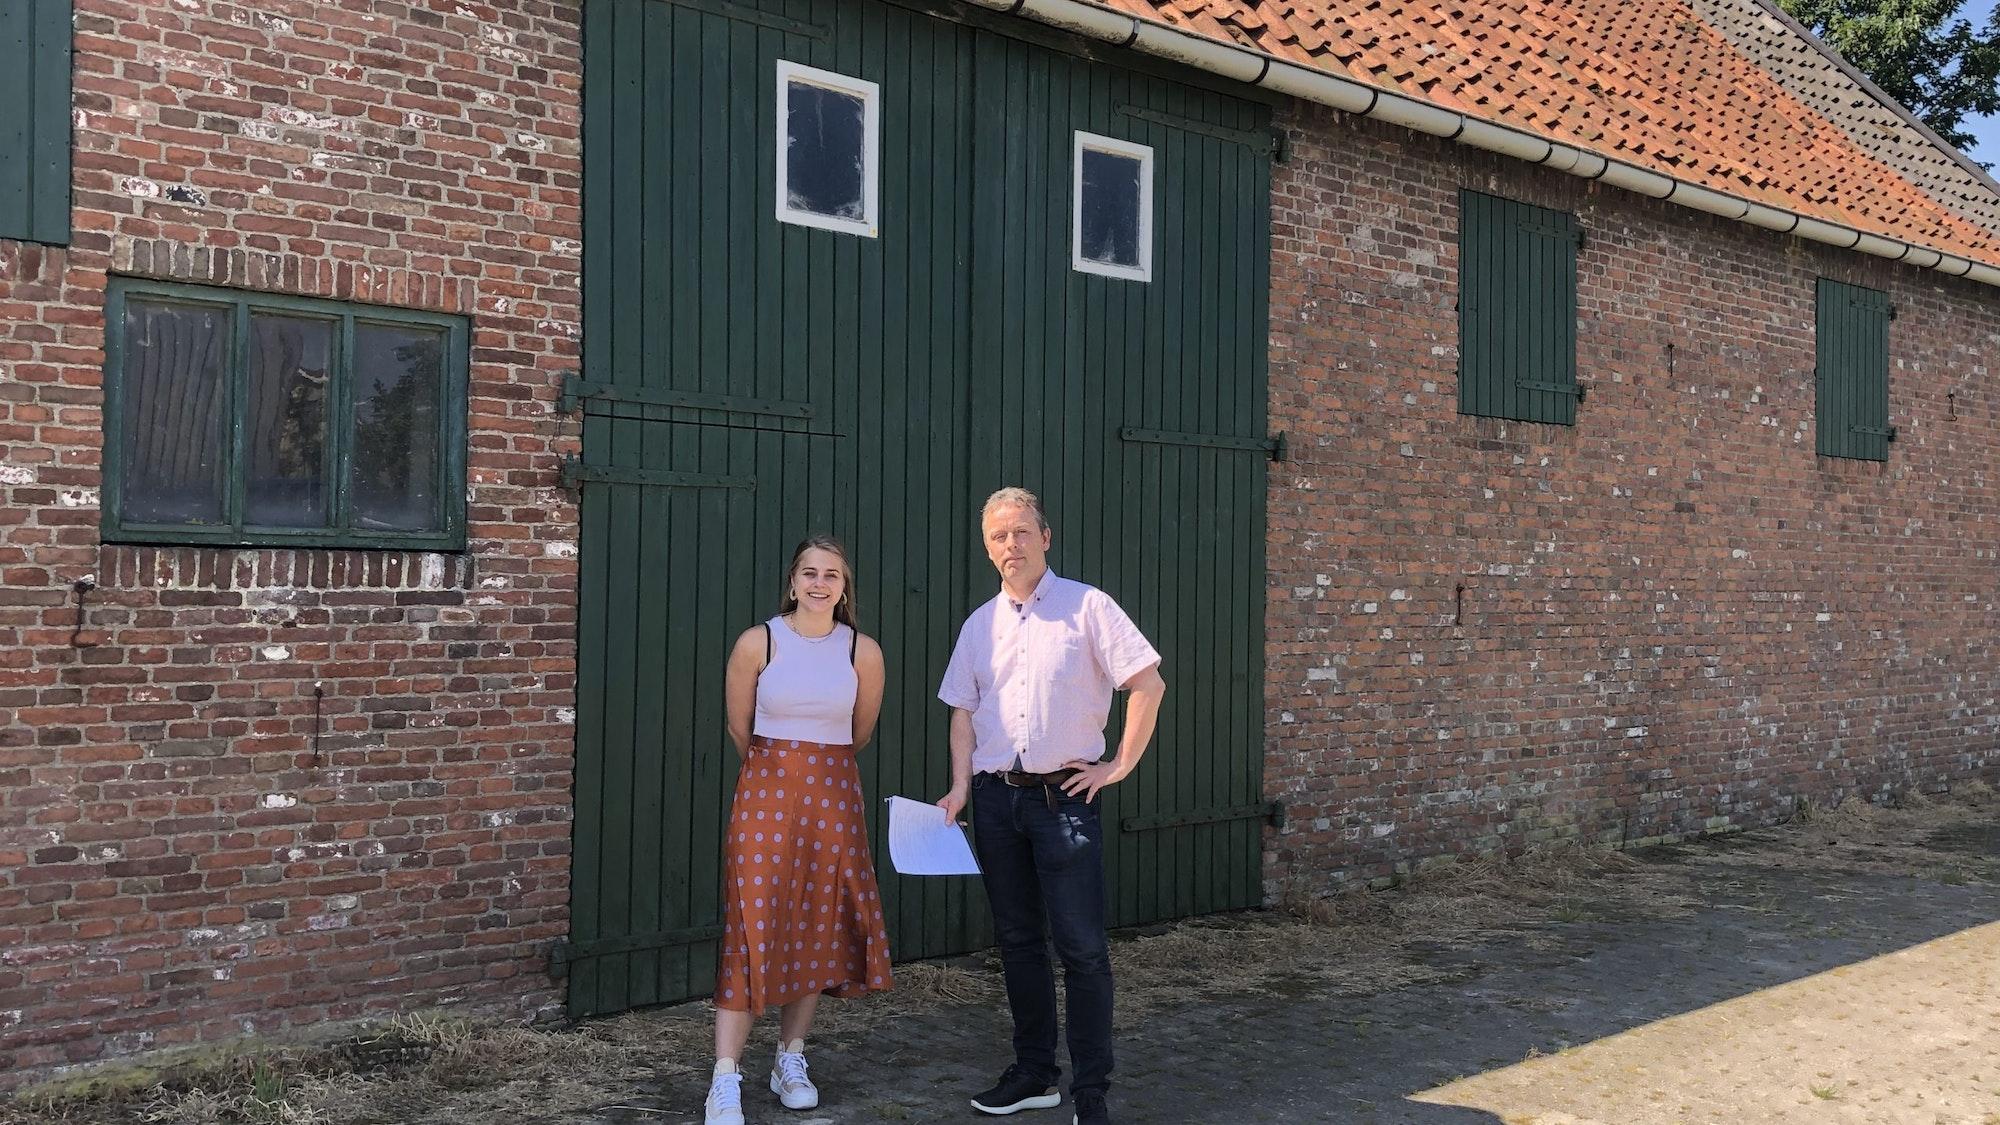 Twee mensen staan voor de deur van een schuur.